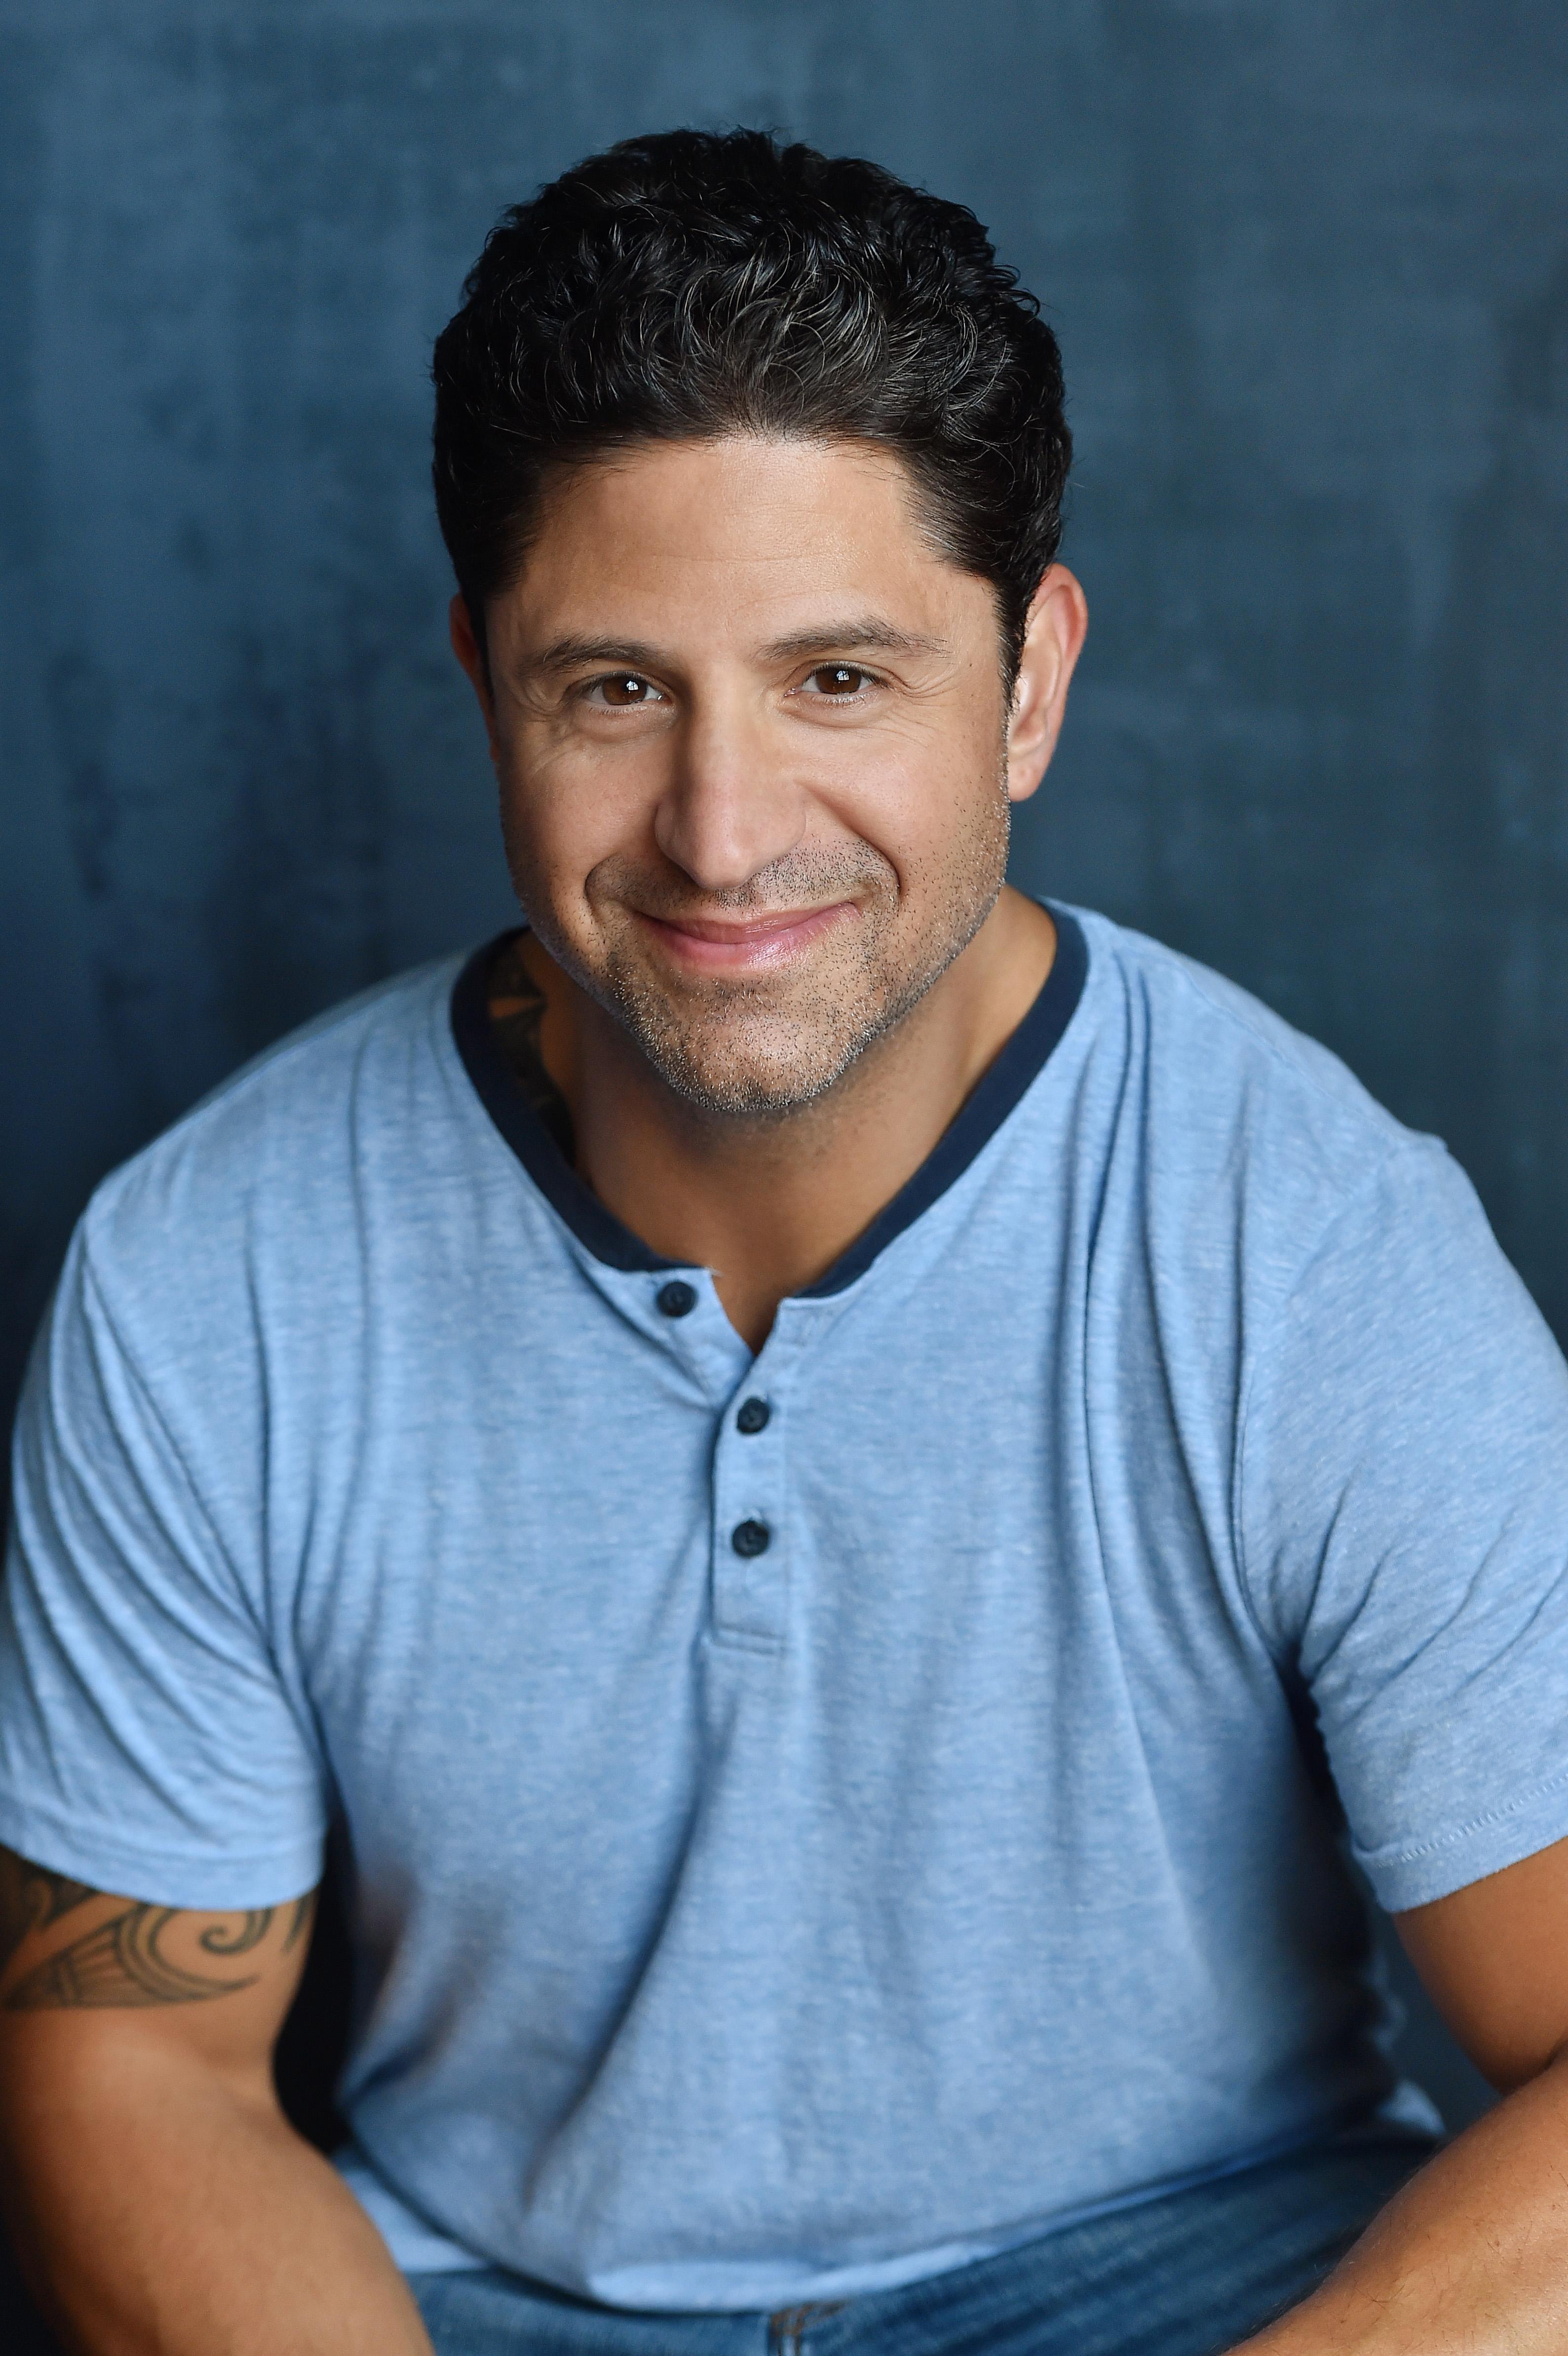 Joey Napoli